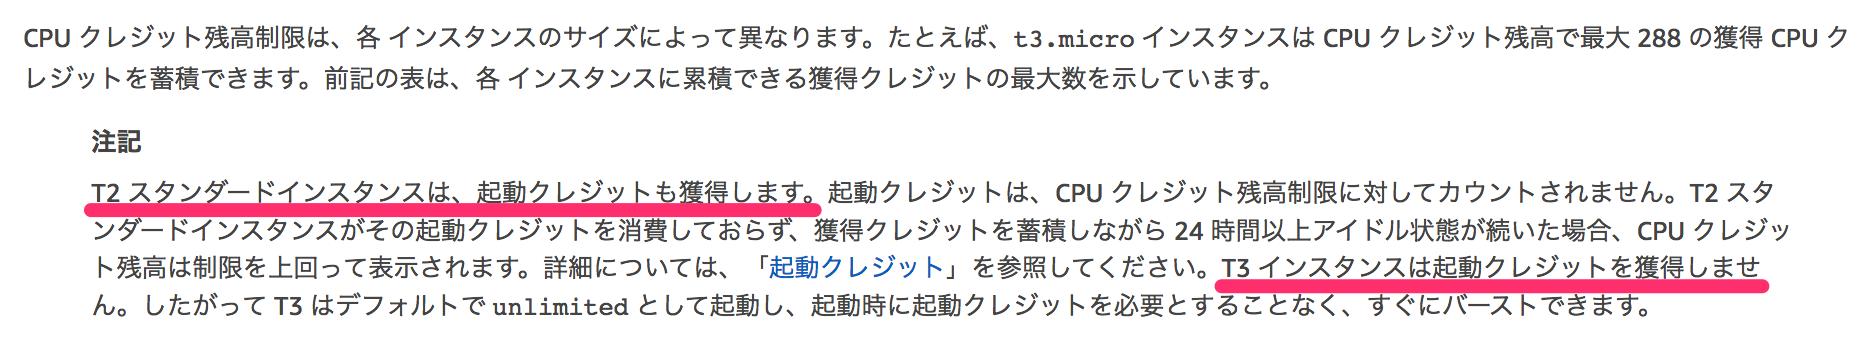 AWS EC2 T2→T3インスタンスタイプ変更で遅くなる? - Qiita